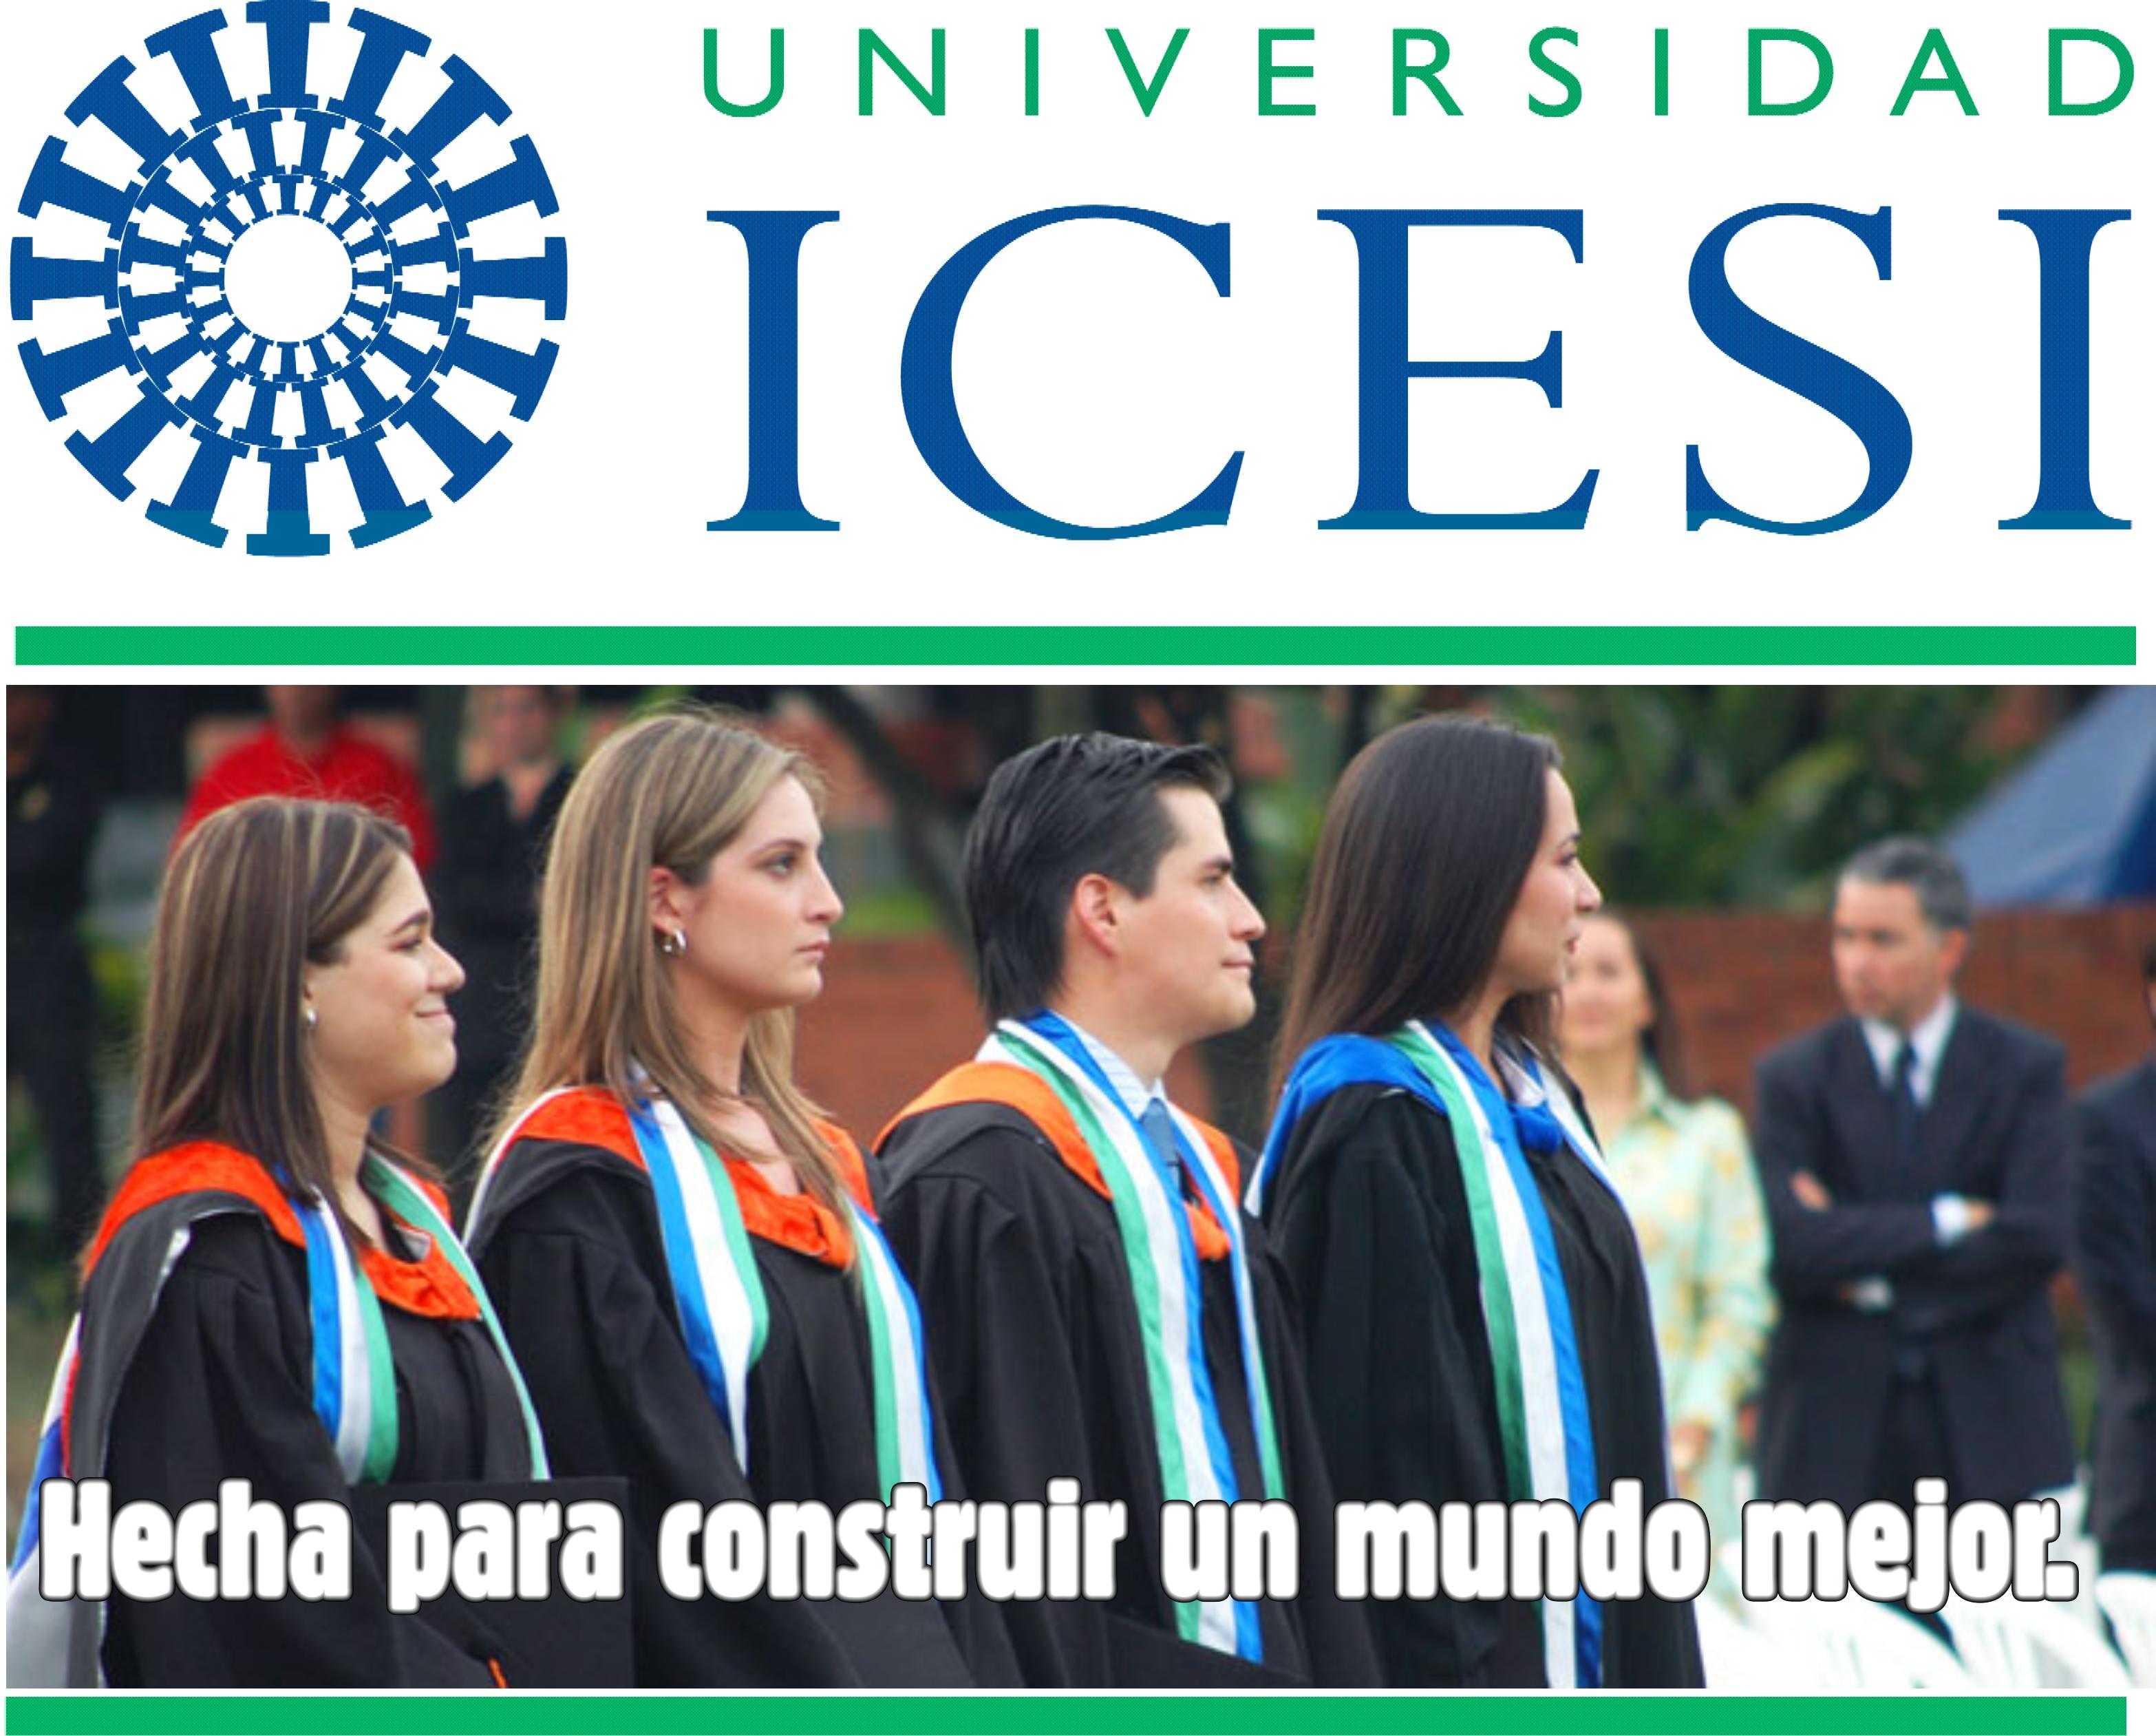 Universidad ICESI, hecha para construir un mundo mejor.